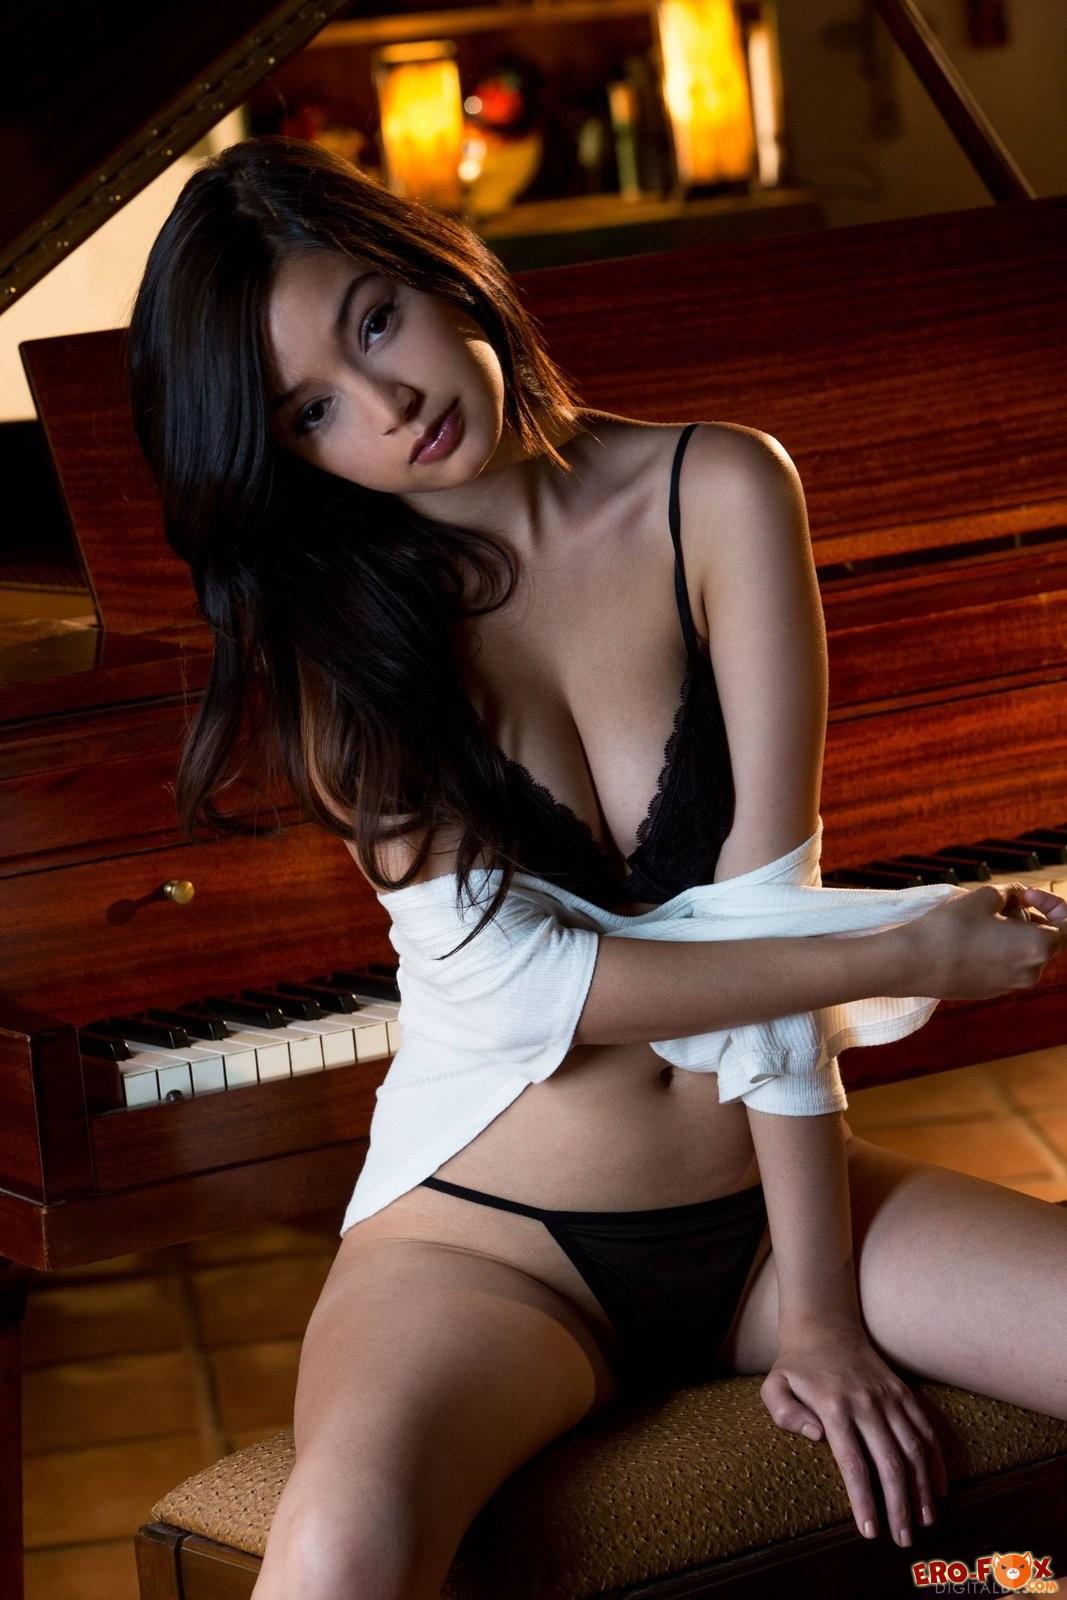 Сексуальная азиатка с упругой грудью позирует у рояля